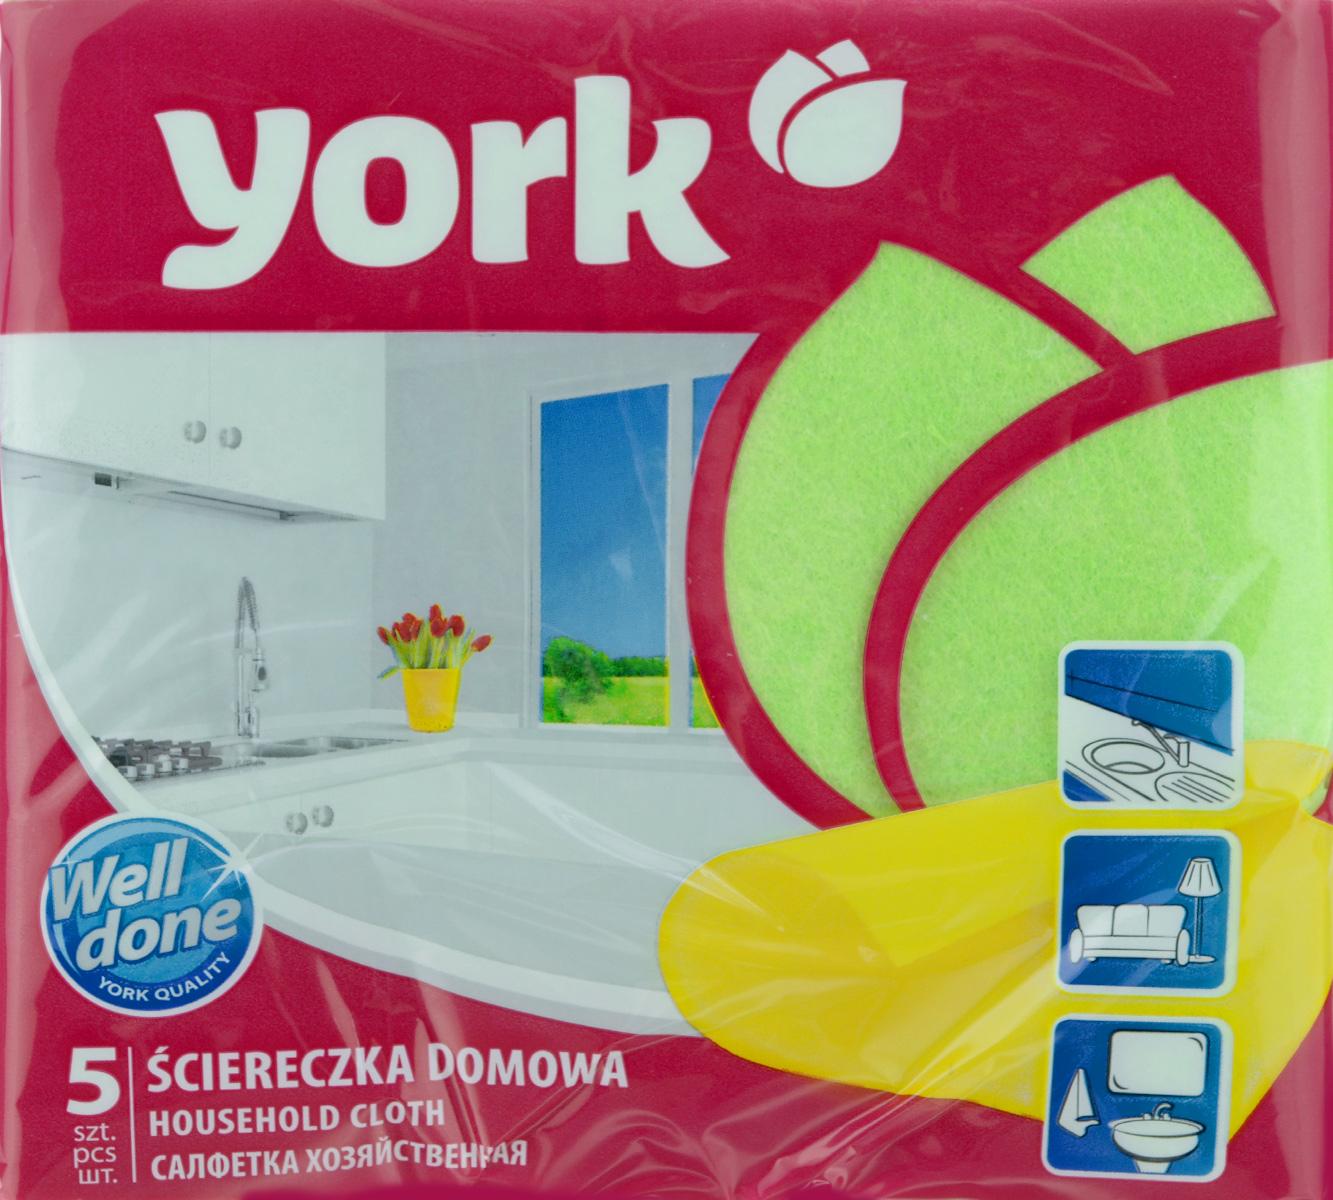 Салфетка хозяйственная York, цвет: зеленый, 35 х 35 см, 5 шт2002_зеленыйУниверсальная салфетка York предназначена для мытья, протирания и полировки. Салфетка выполнена из вискозы с добавлением полипропиленового волокна, отличается высокой прочностью. Хорошо поглощает влагу, эффективно очищает поверхности и не оставляет ворсинок. Идеальна для ухода за столешницами и раковиной на кухне, за стеклом и зеркалами, деревянной мебелью. Может использоваться в сухом и влажном виде.